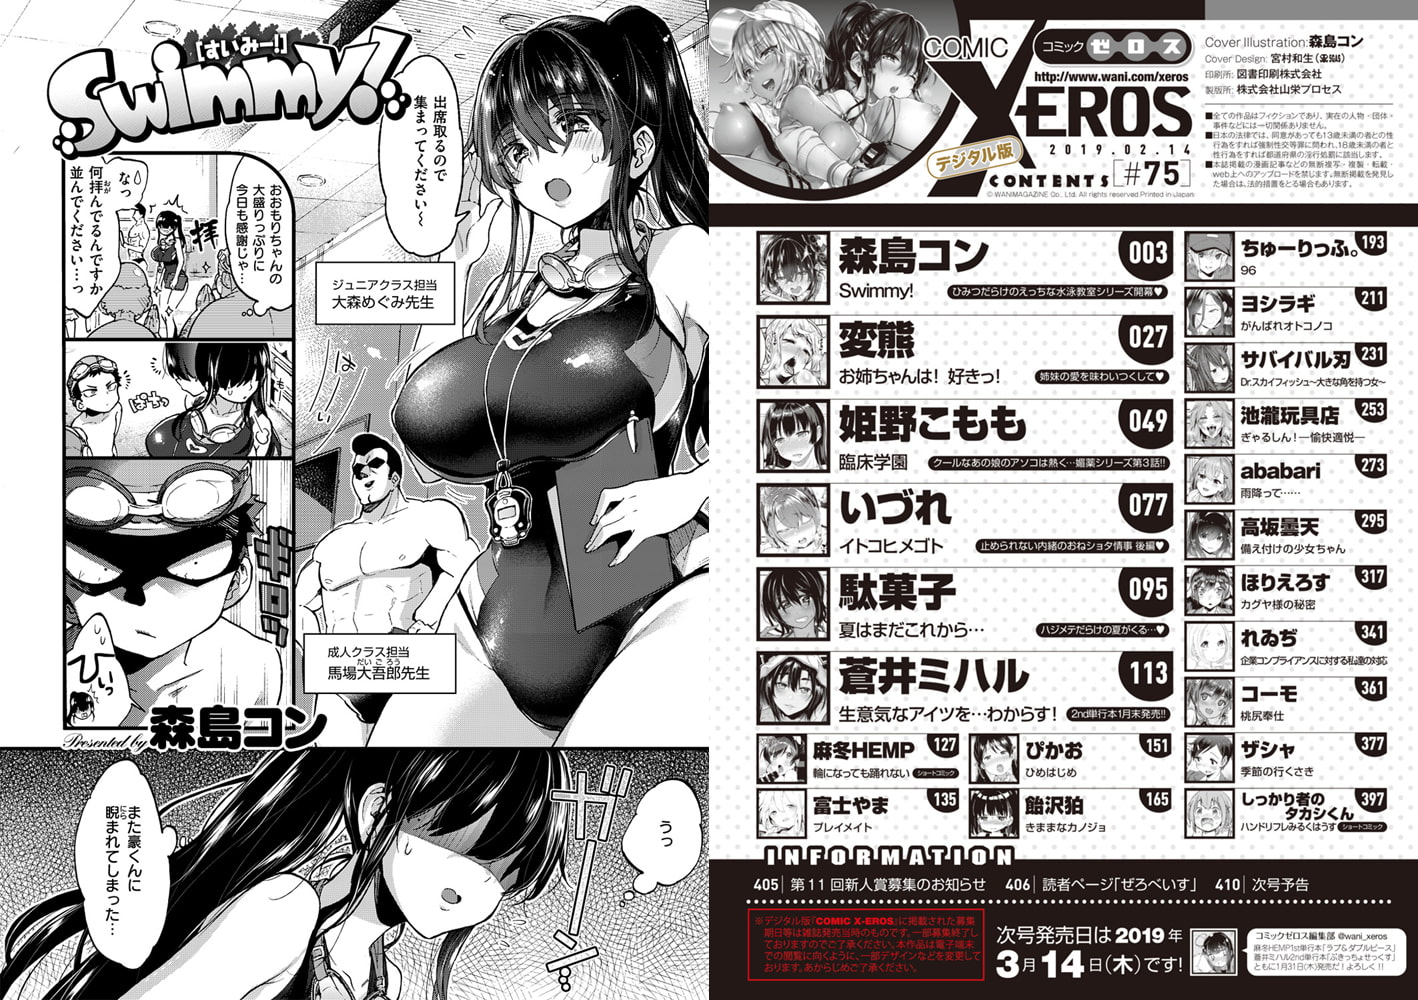 COMIC X-EROS #75